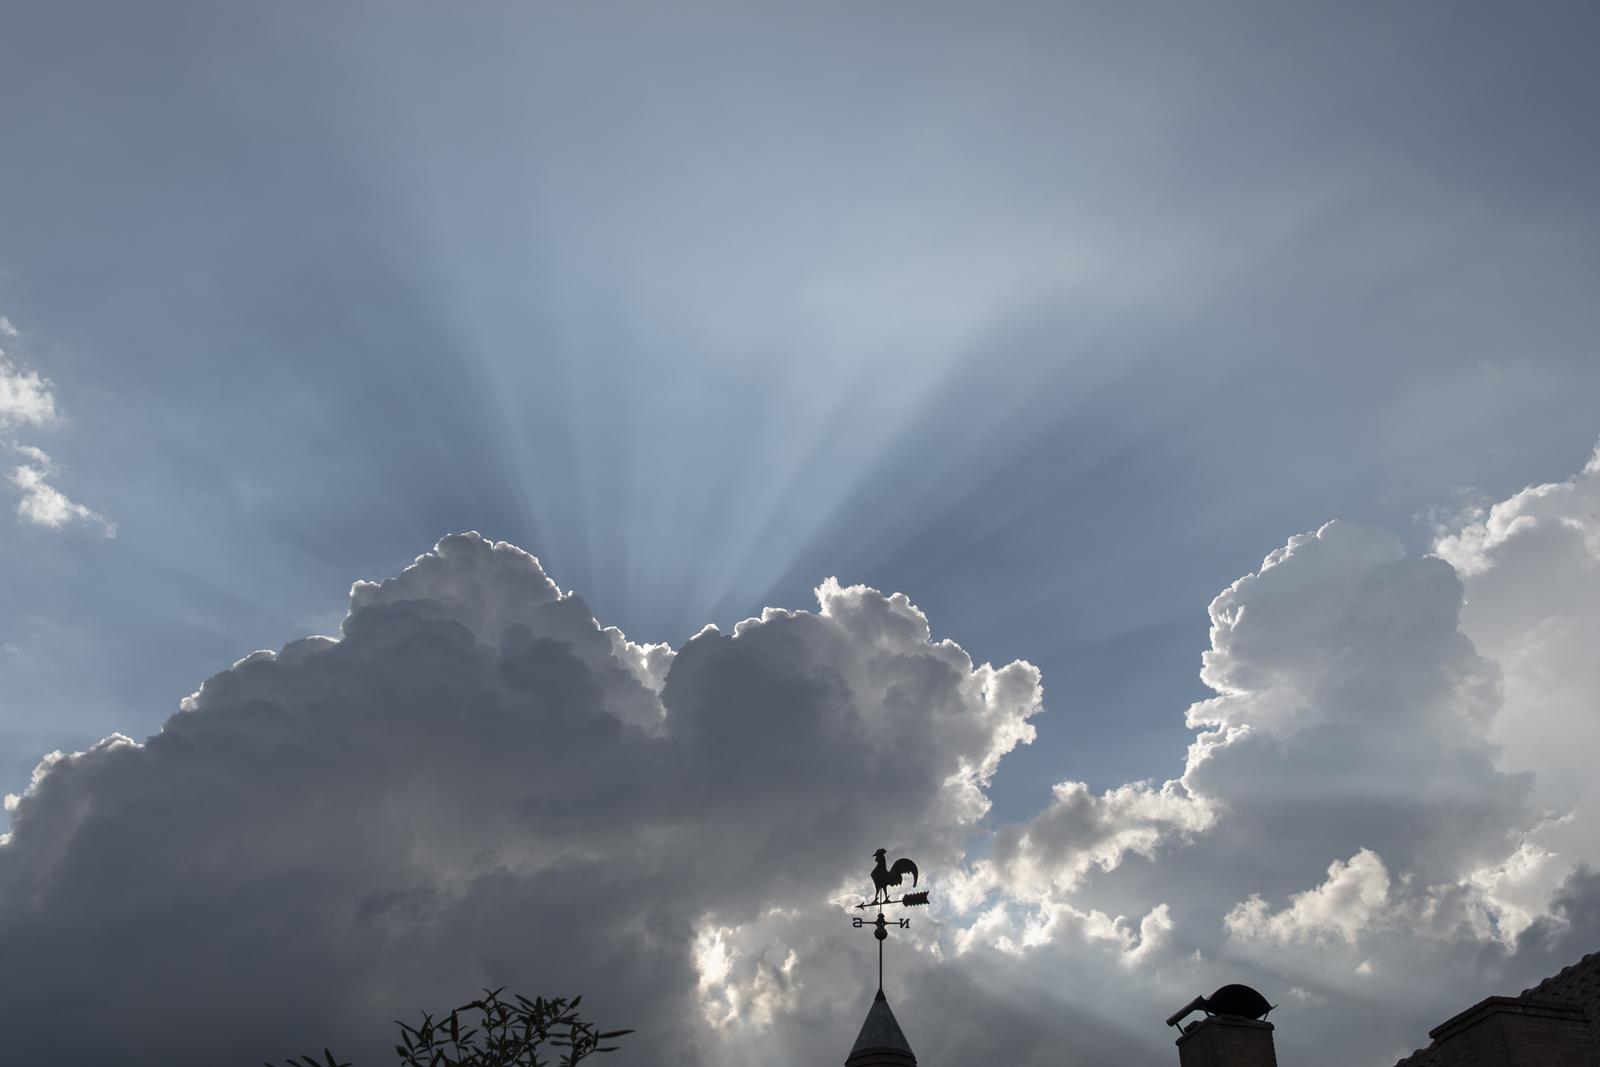 Het spel van zon en wolken